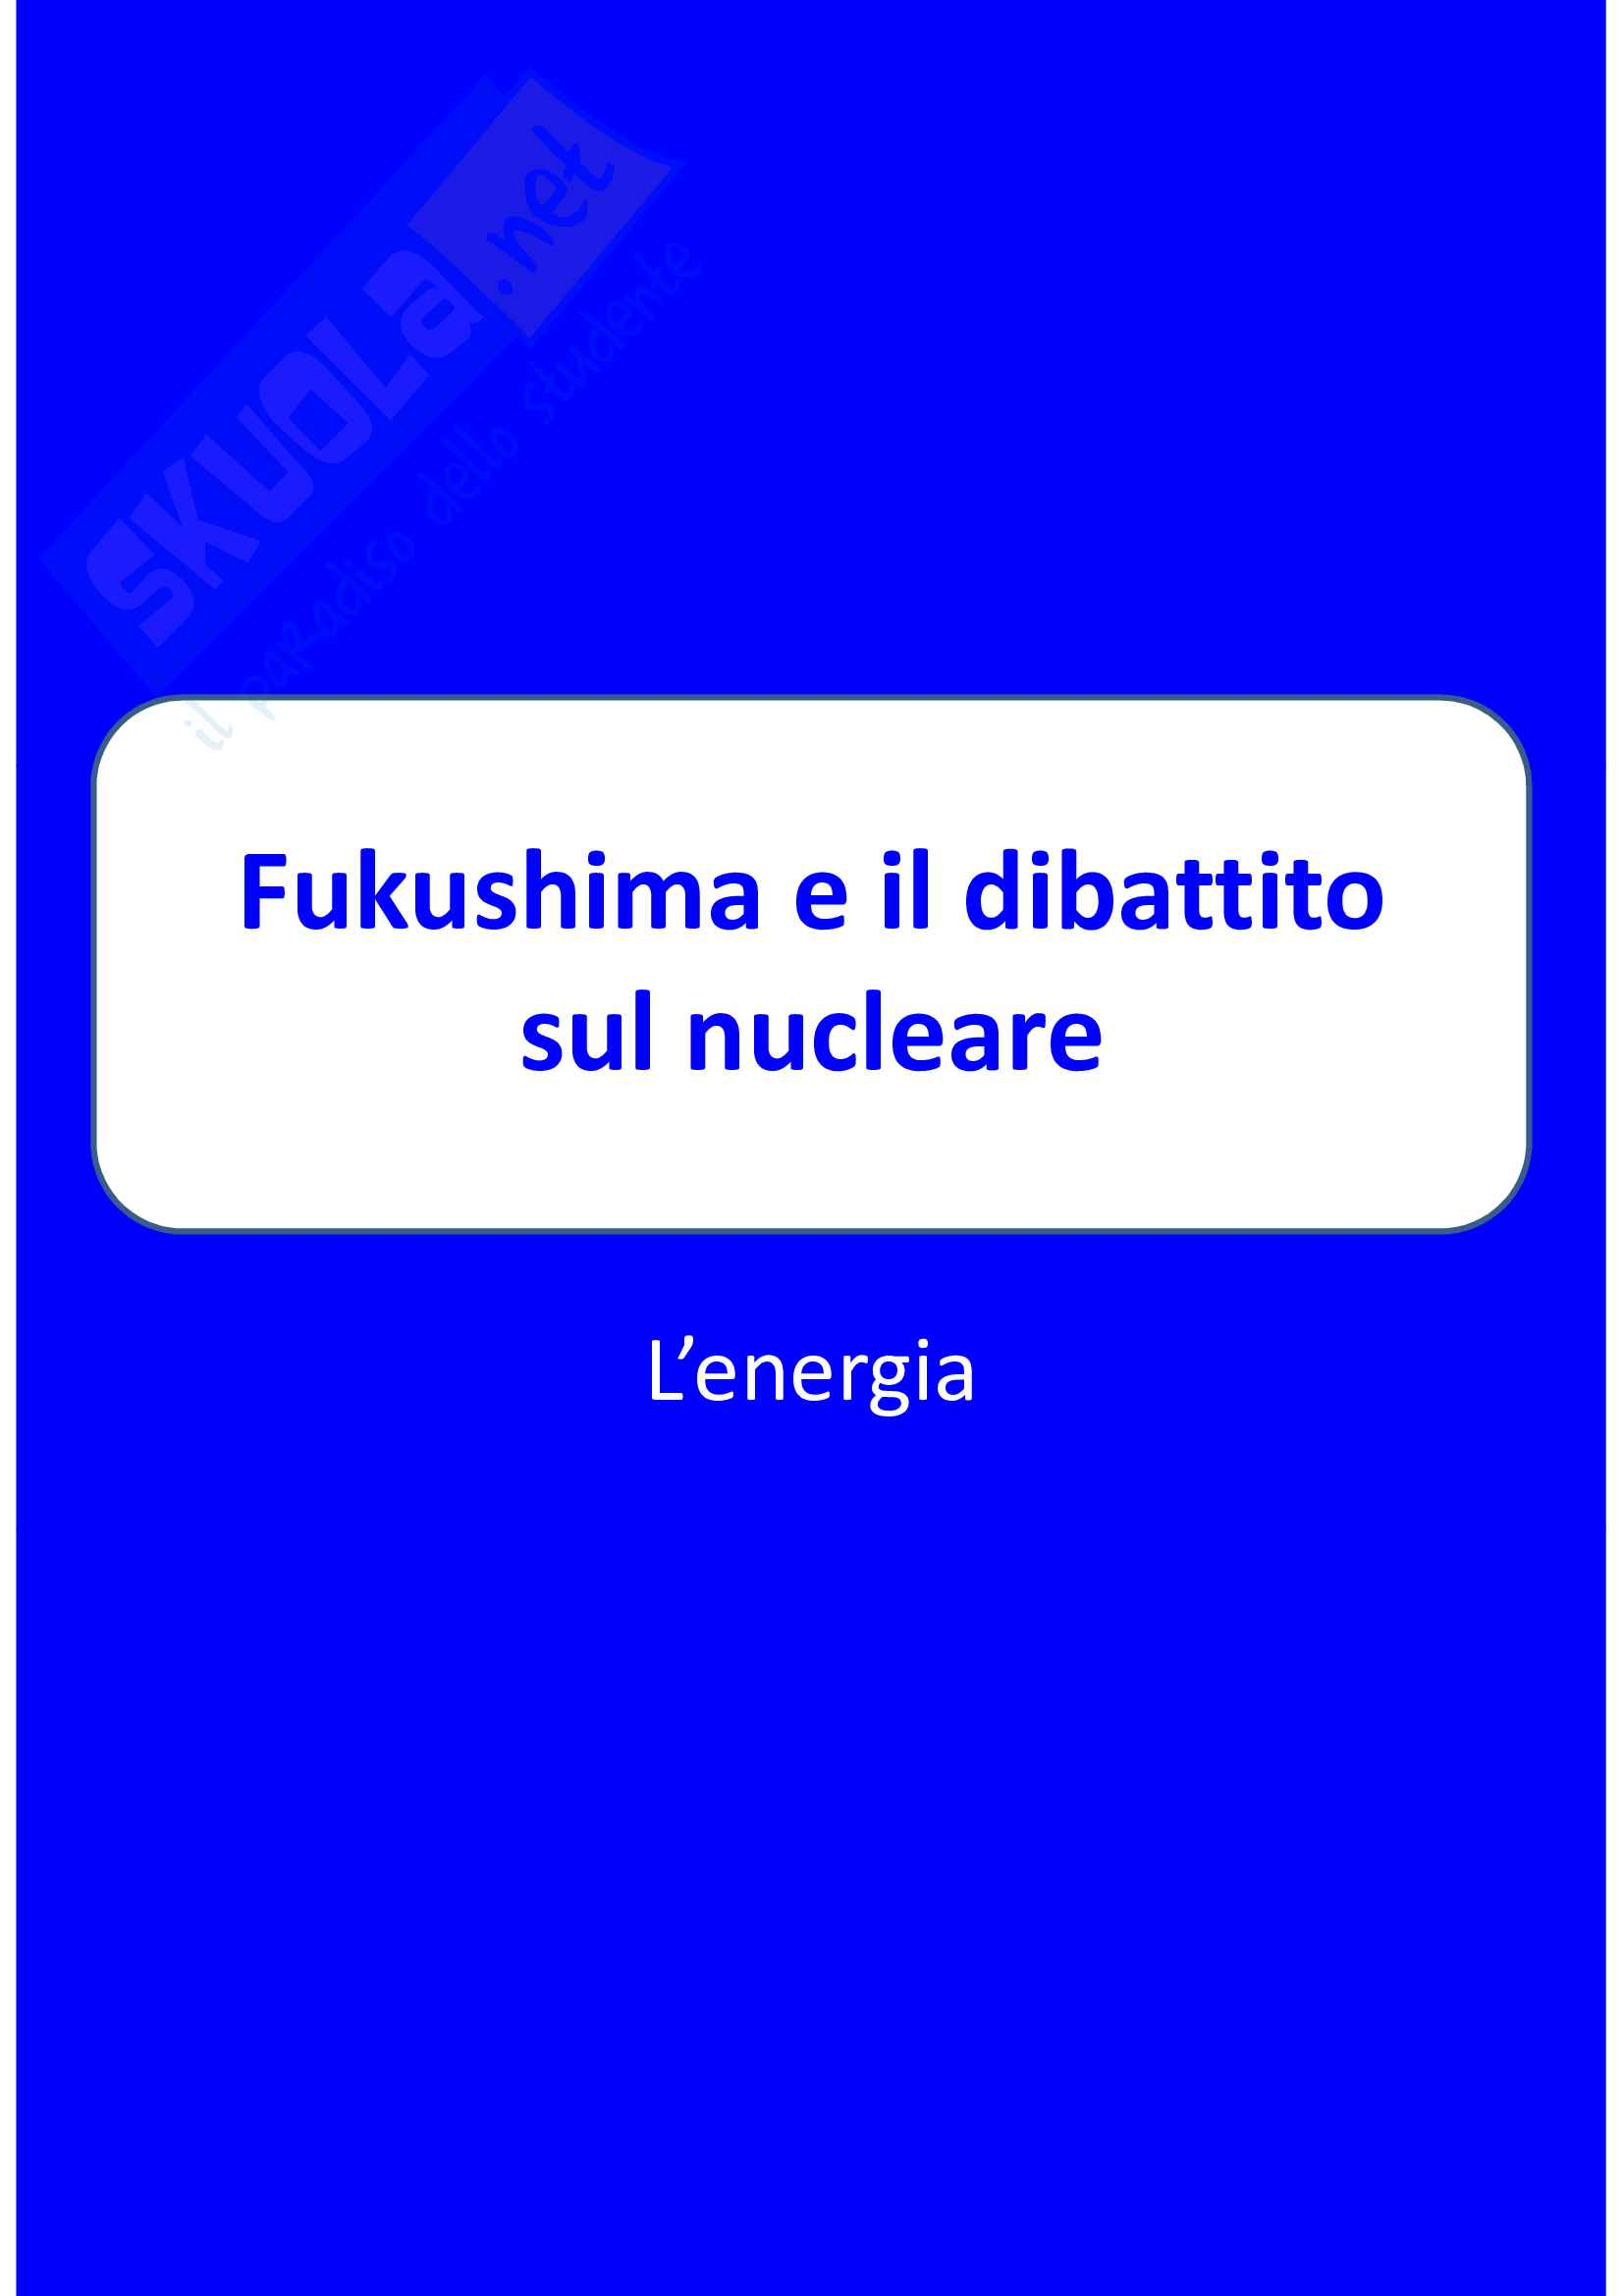 Fukushima e il dibattito sul nucleare